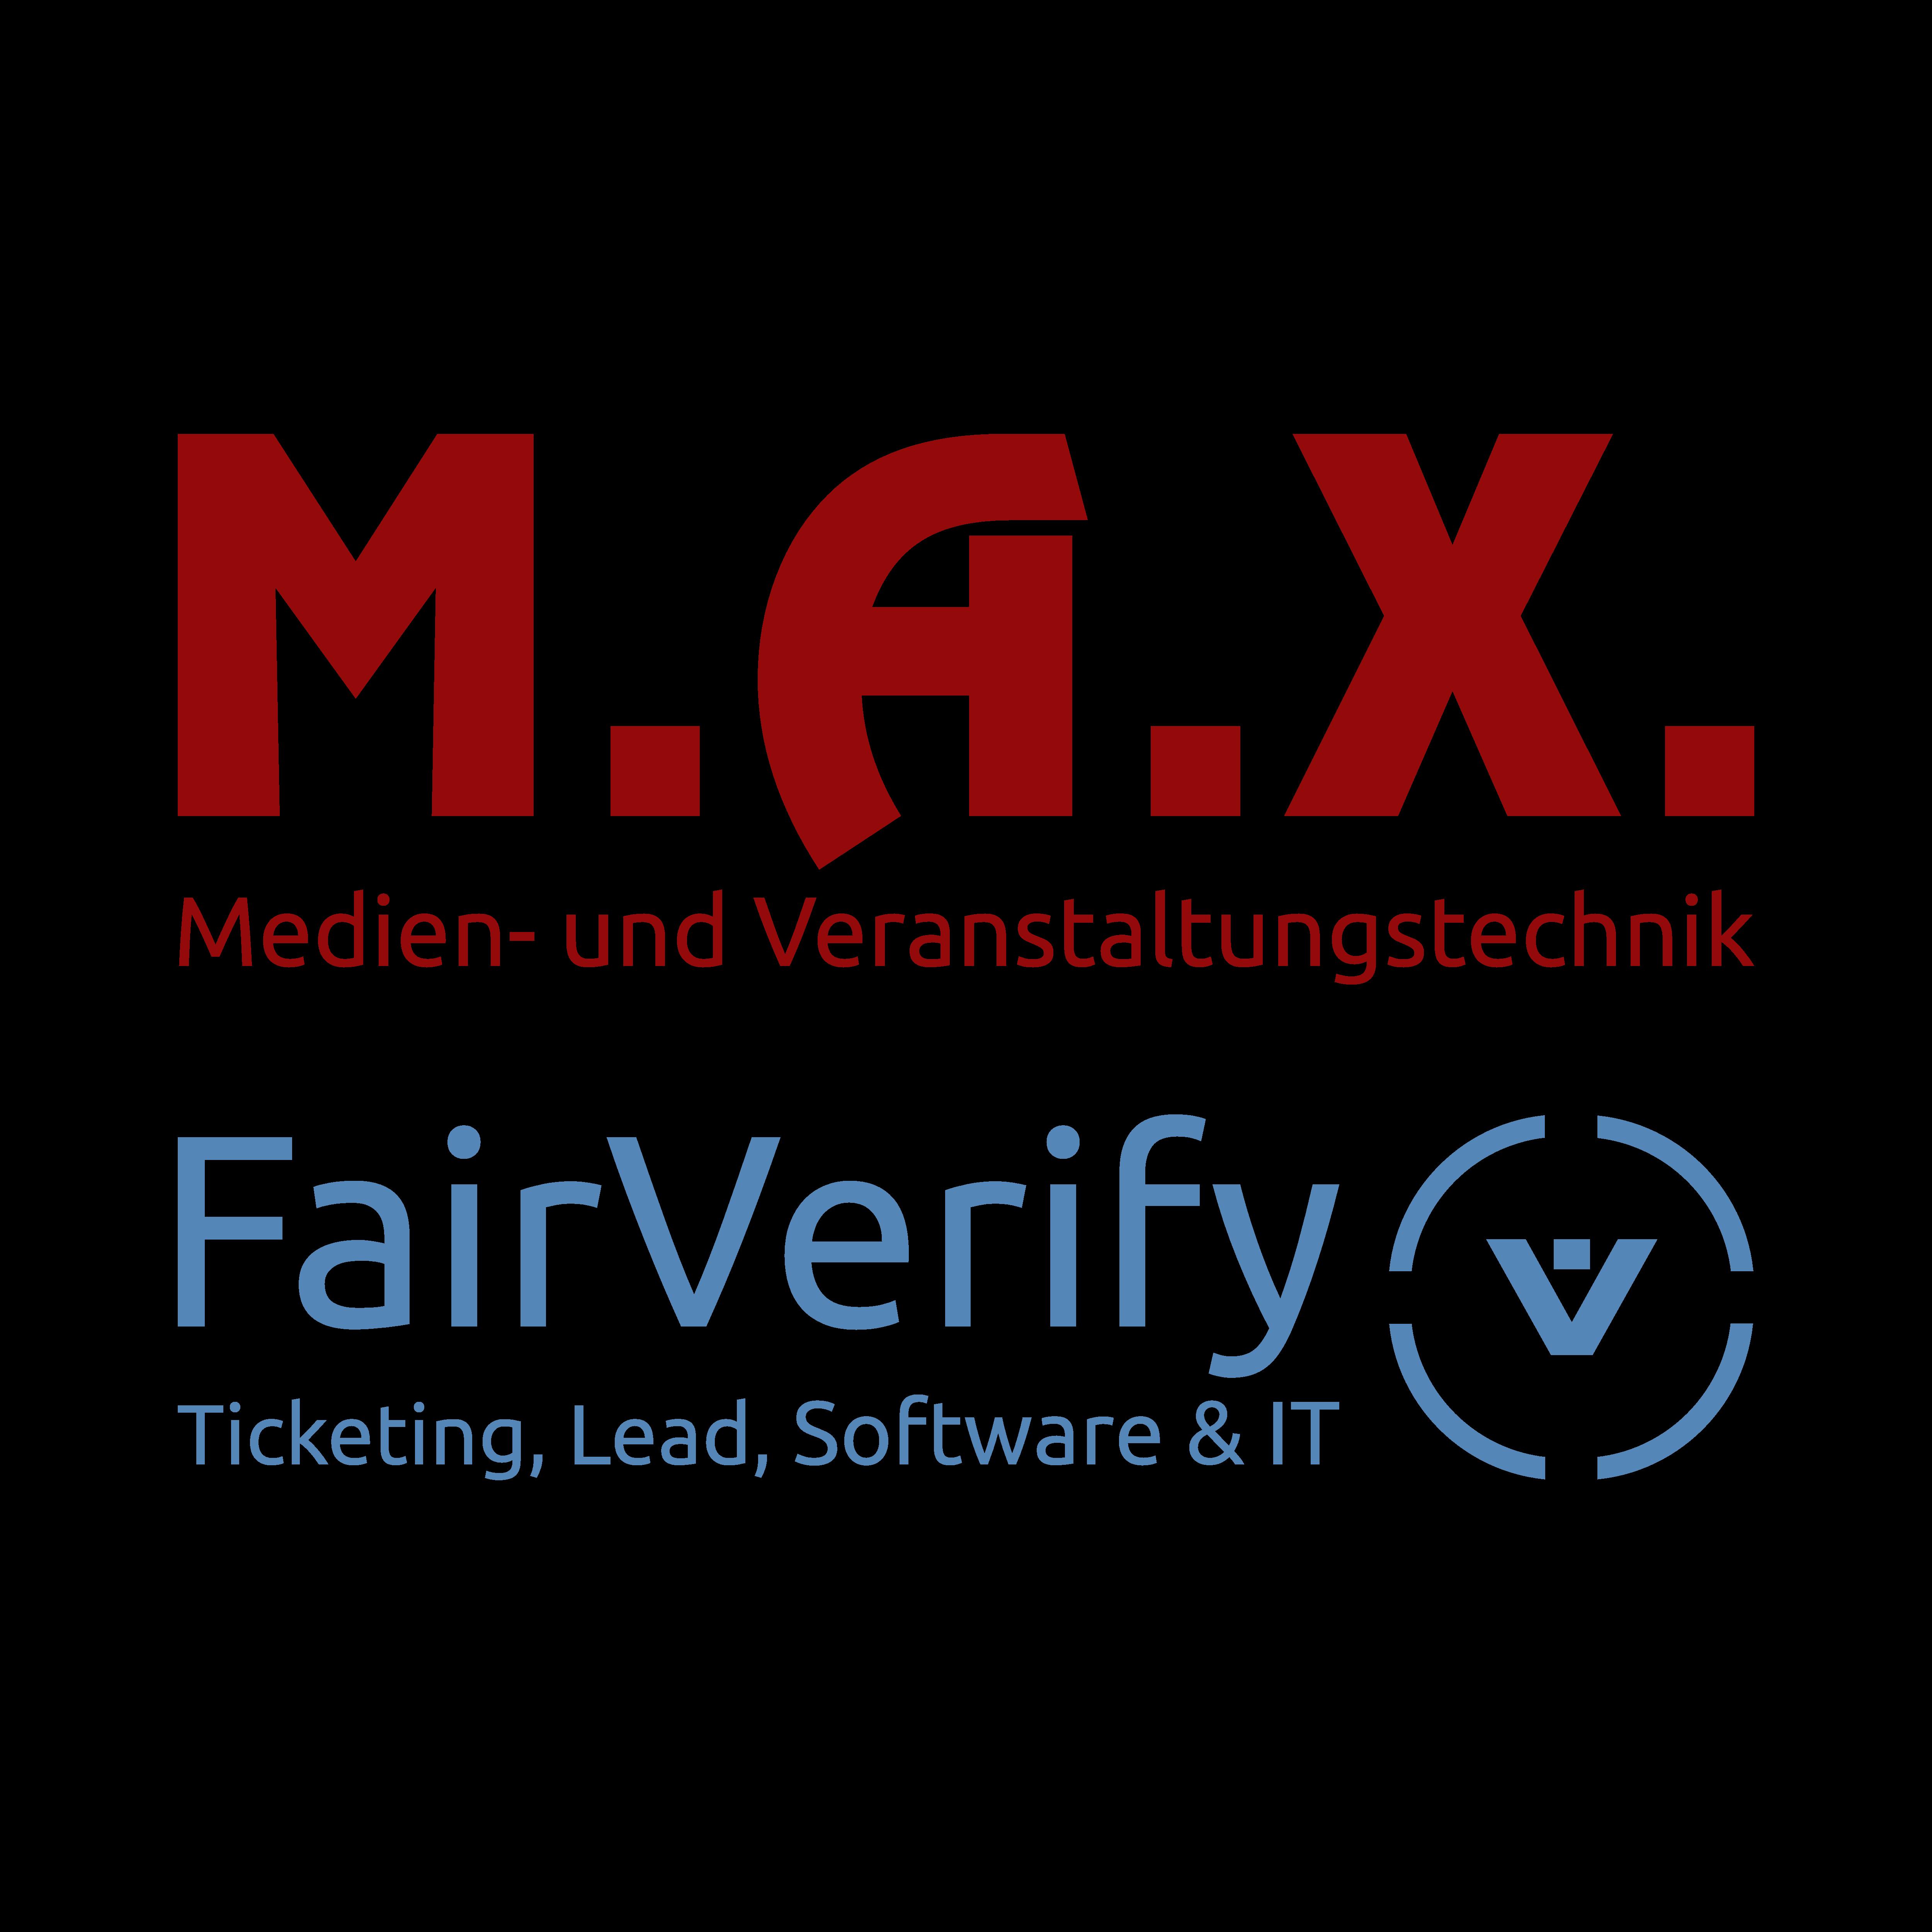 M.A.X. Veranstaltungstechnik